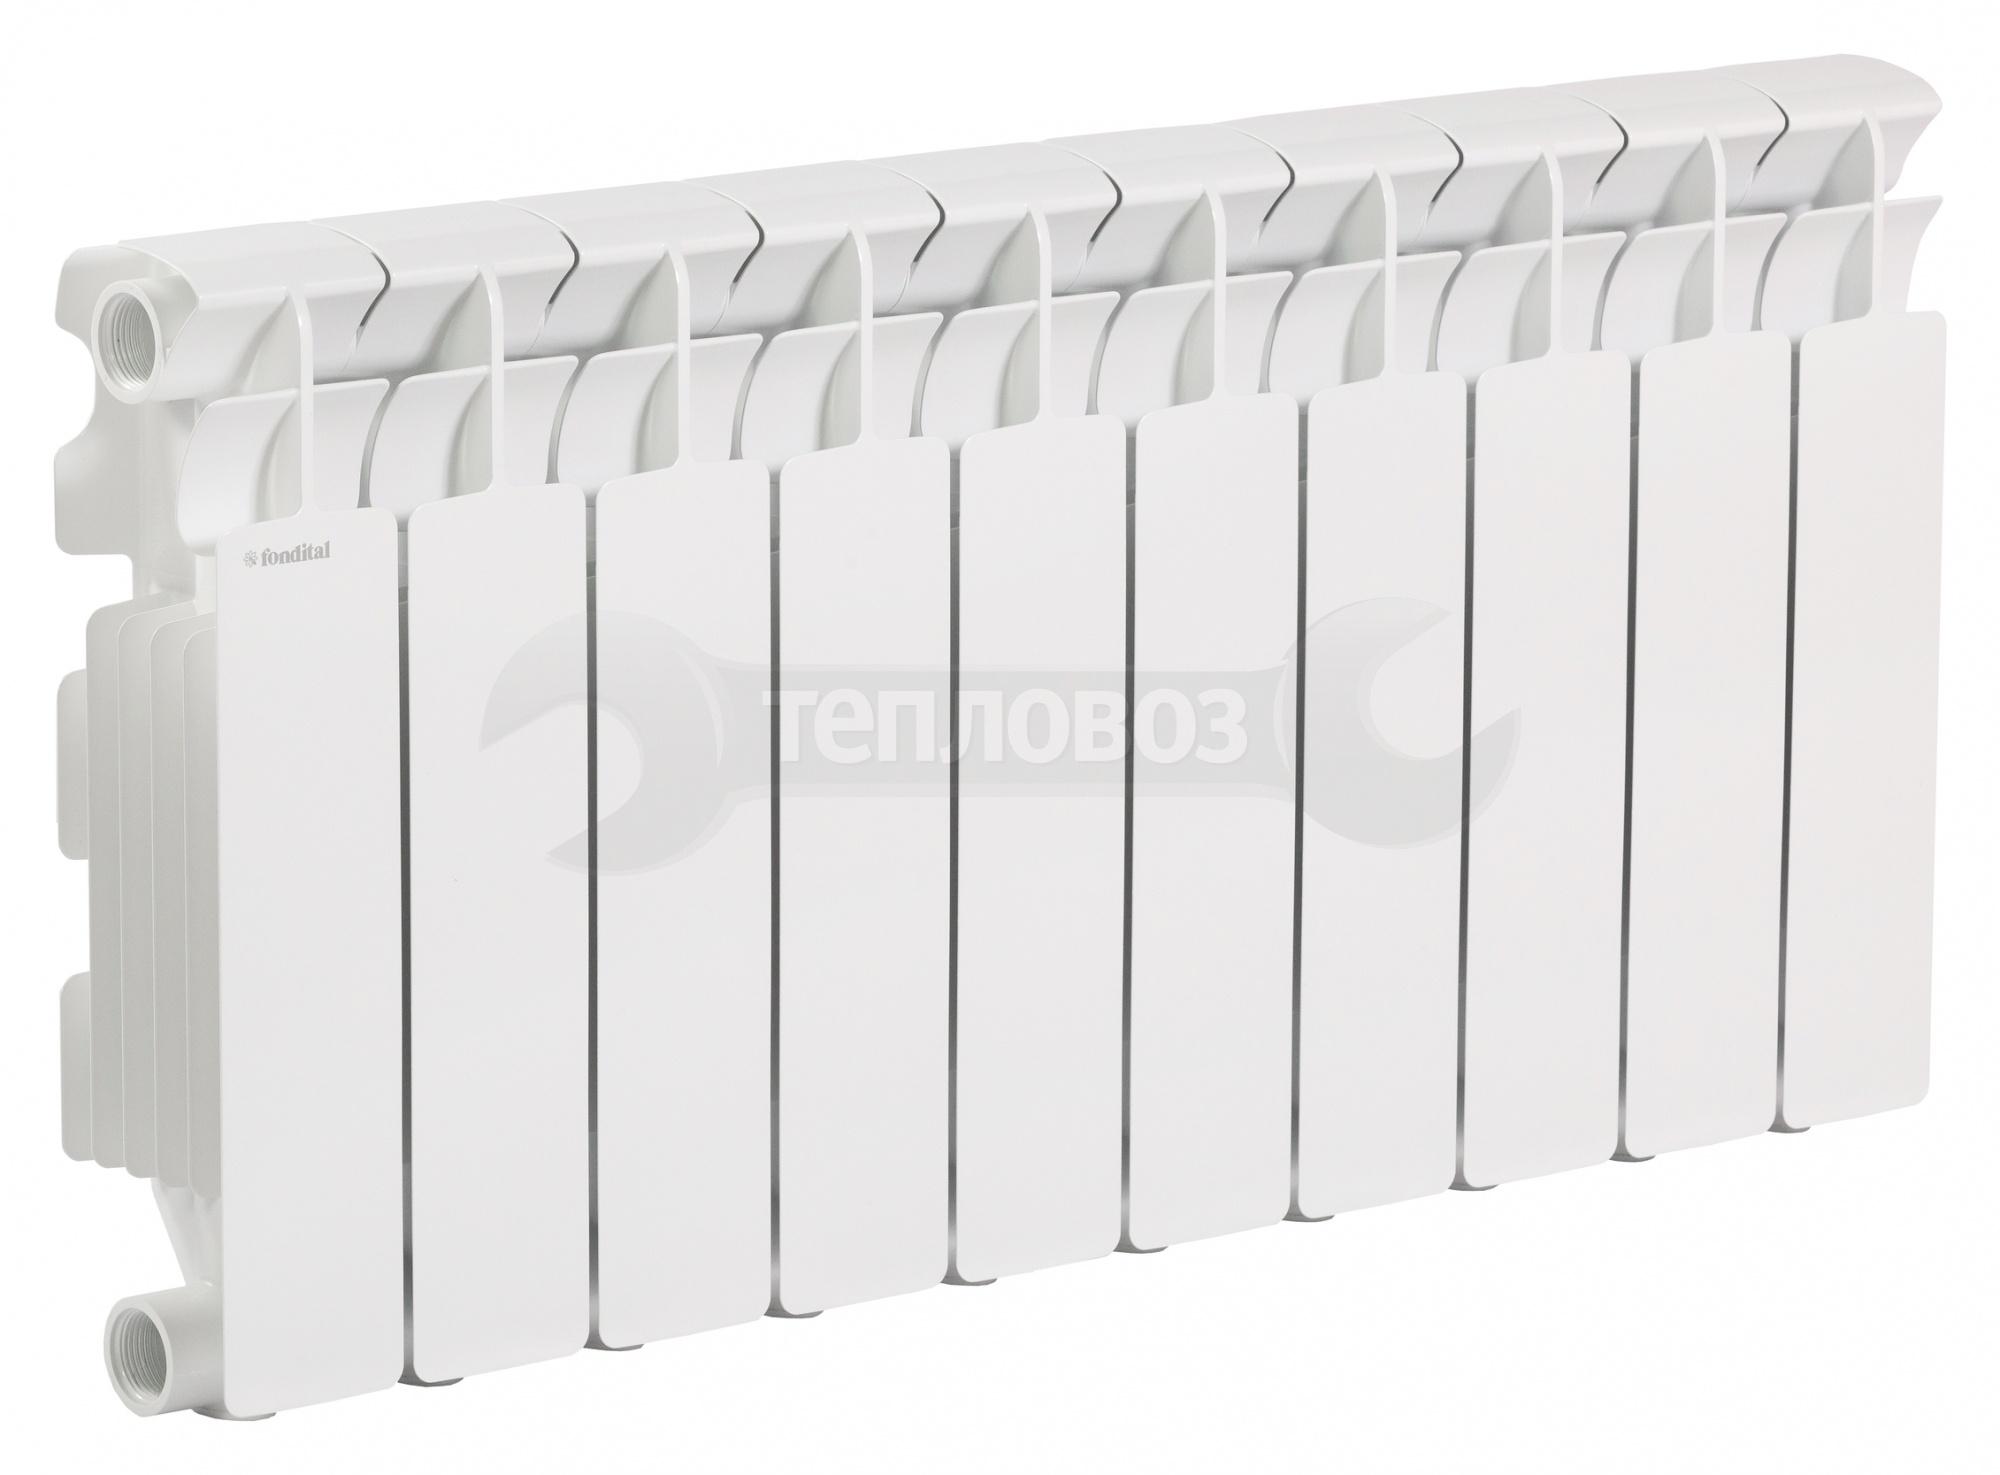 Купить Fondital Calidor Super B4 500 ,10 секций в интернет-магазине Дождь